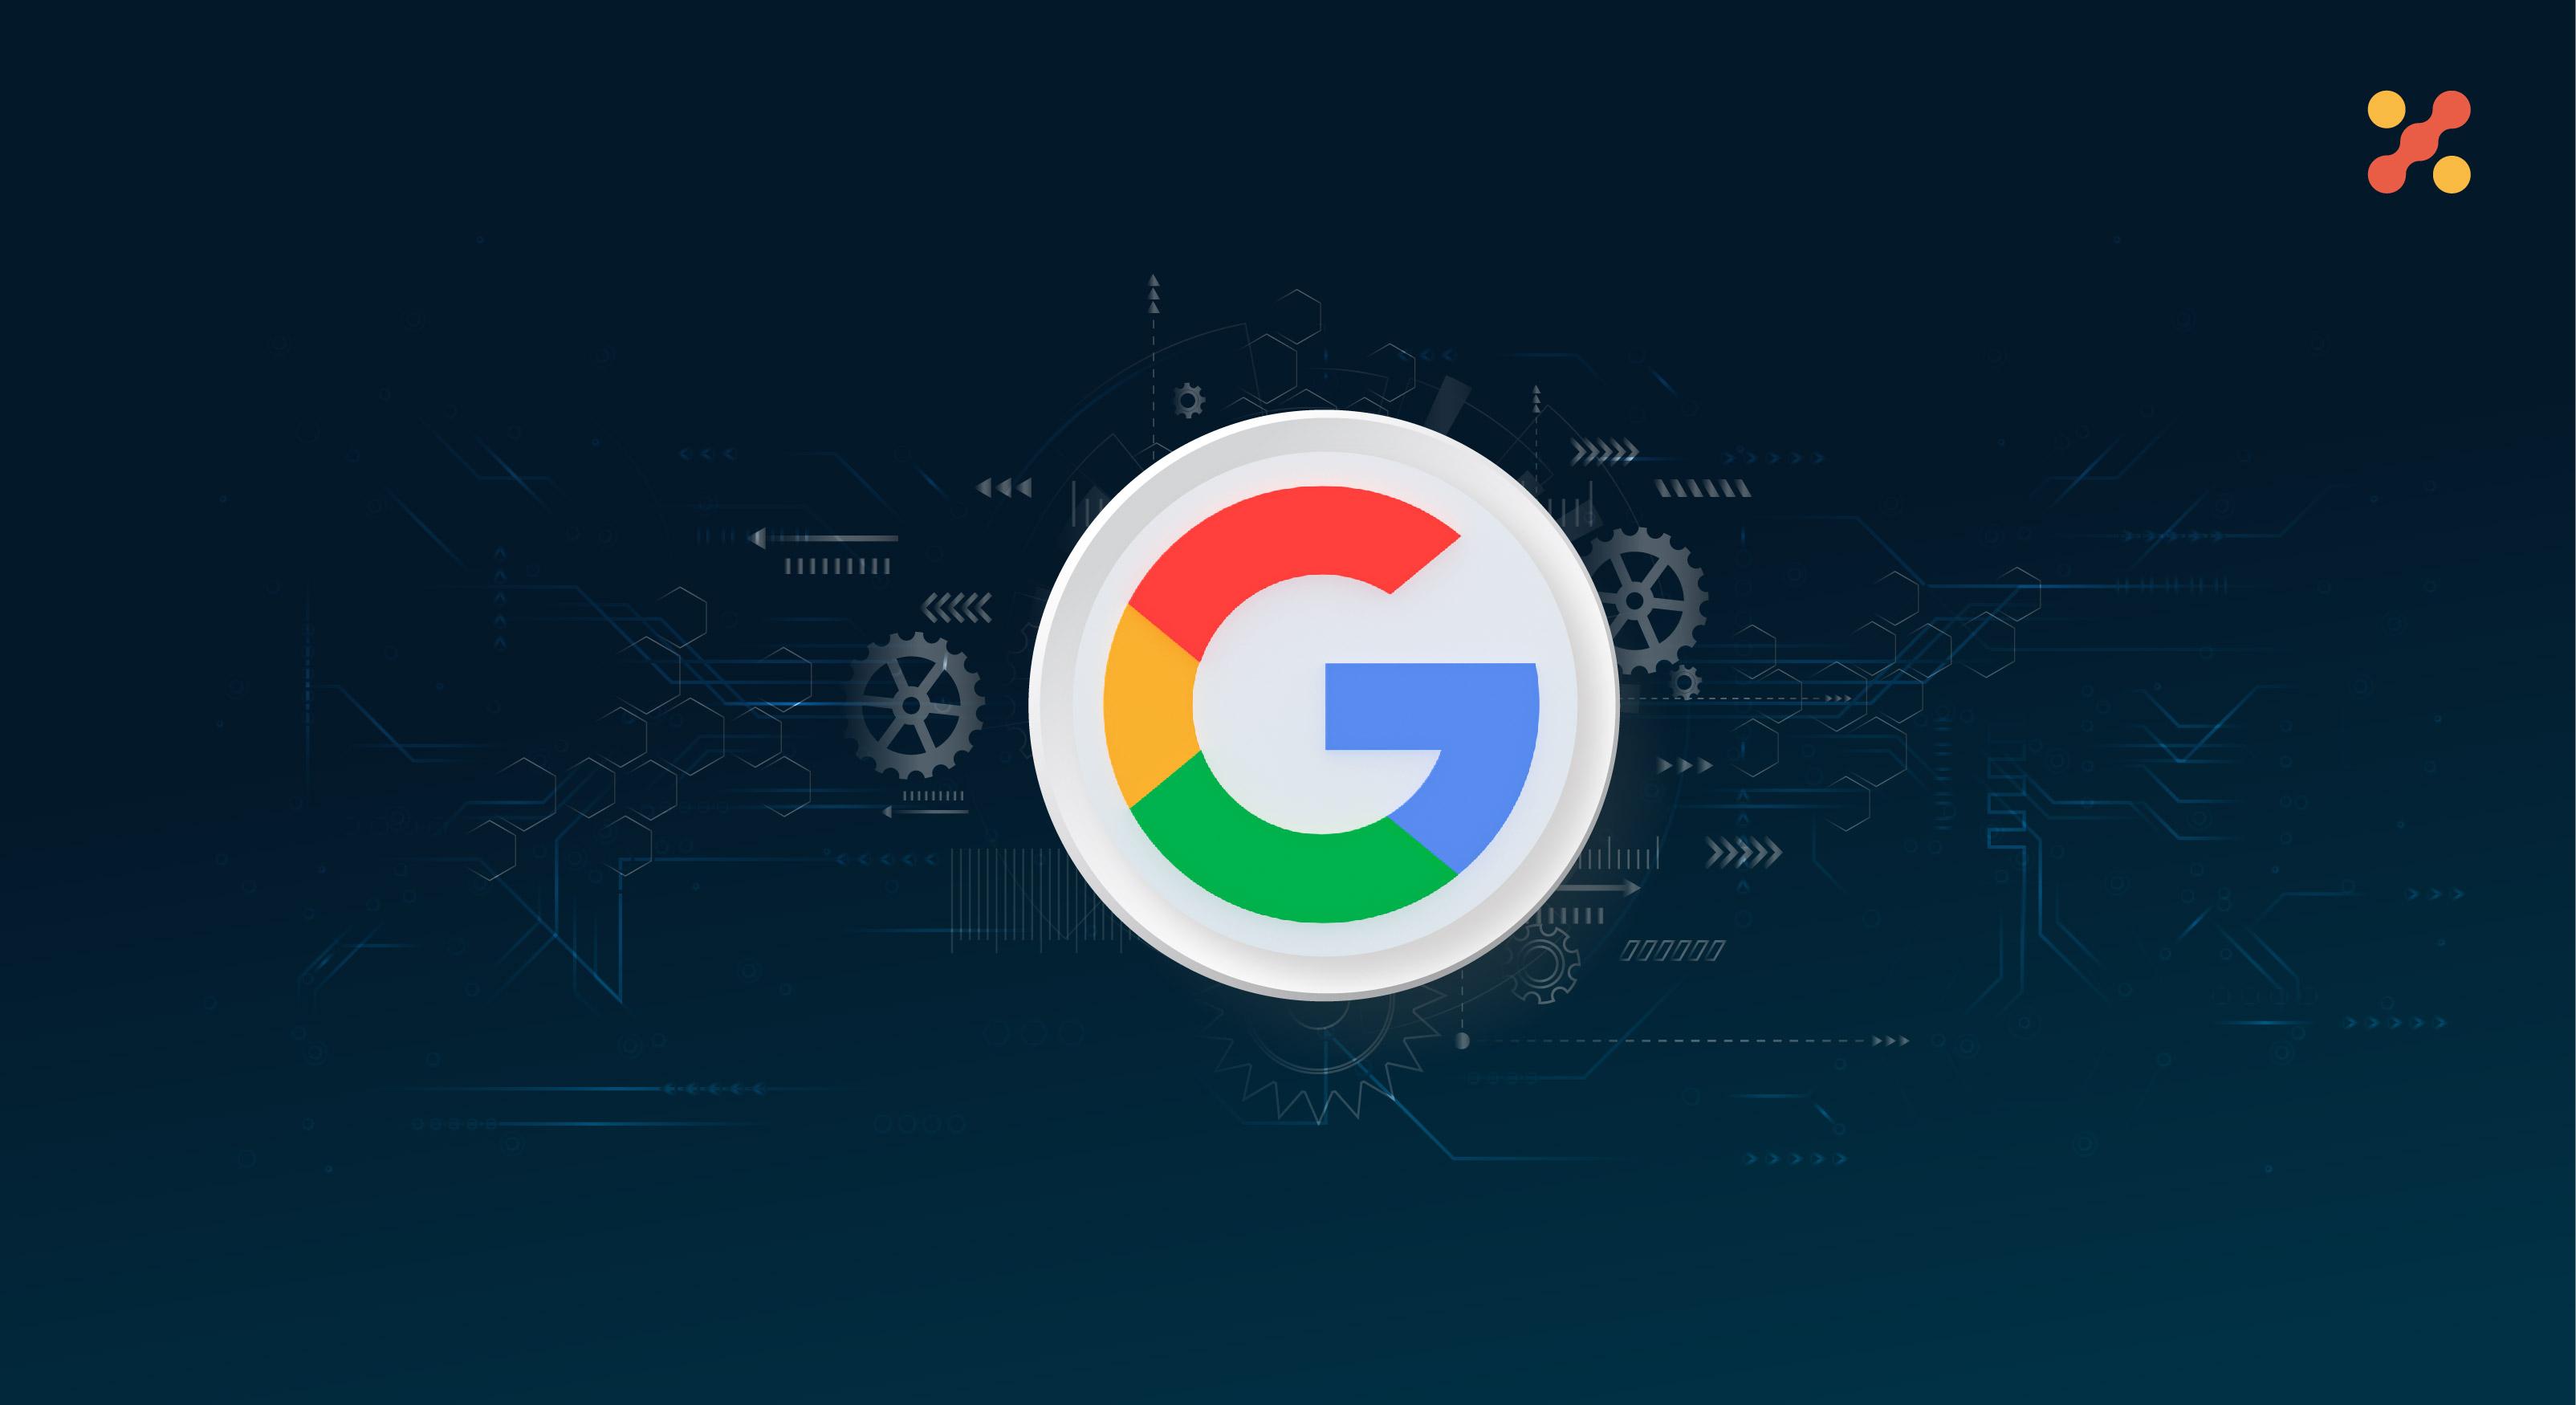 google algorithm update - June core update 2021